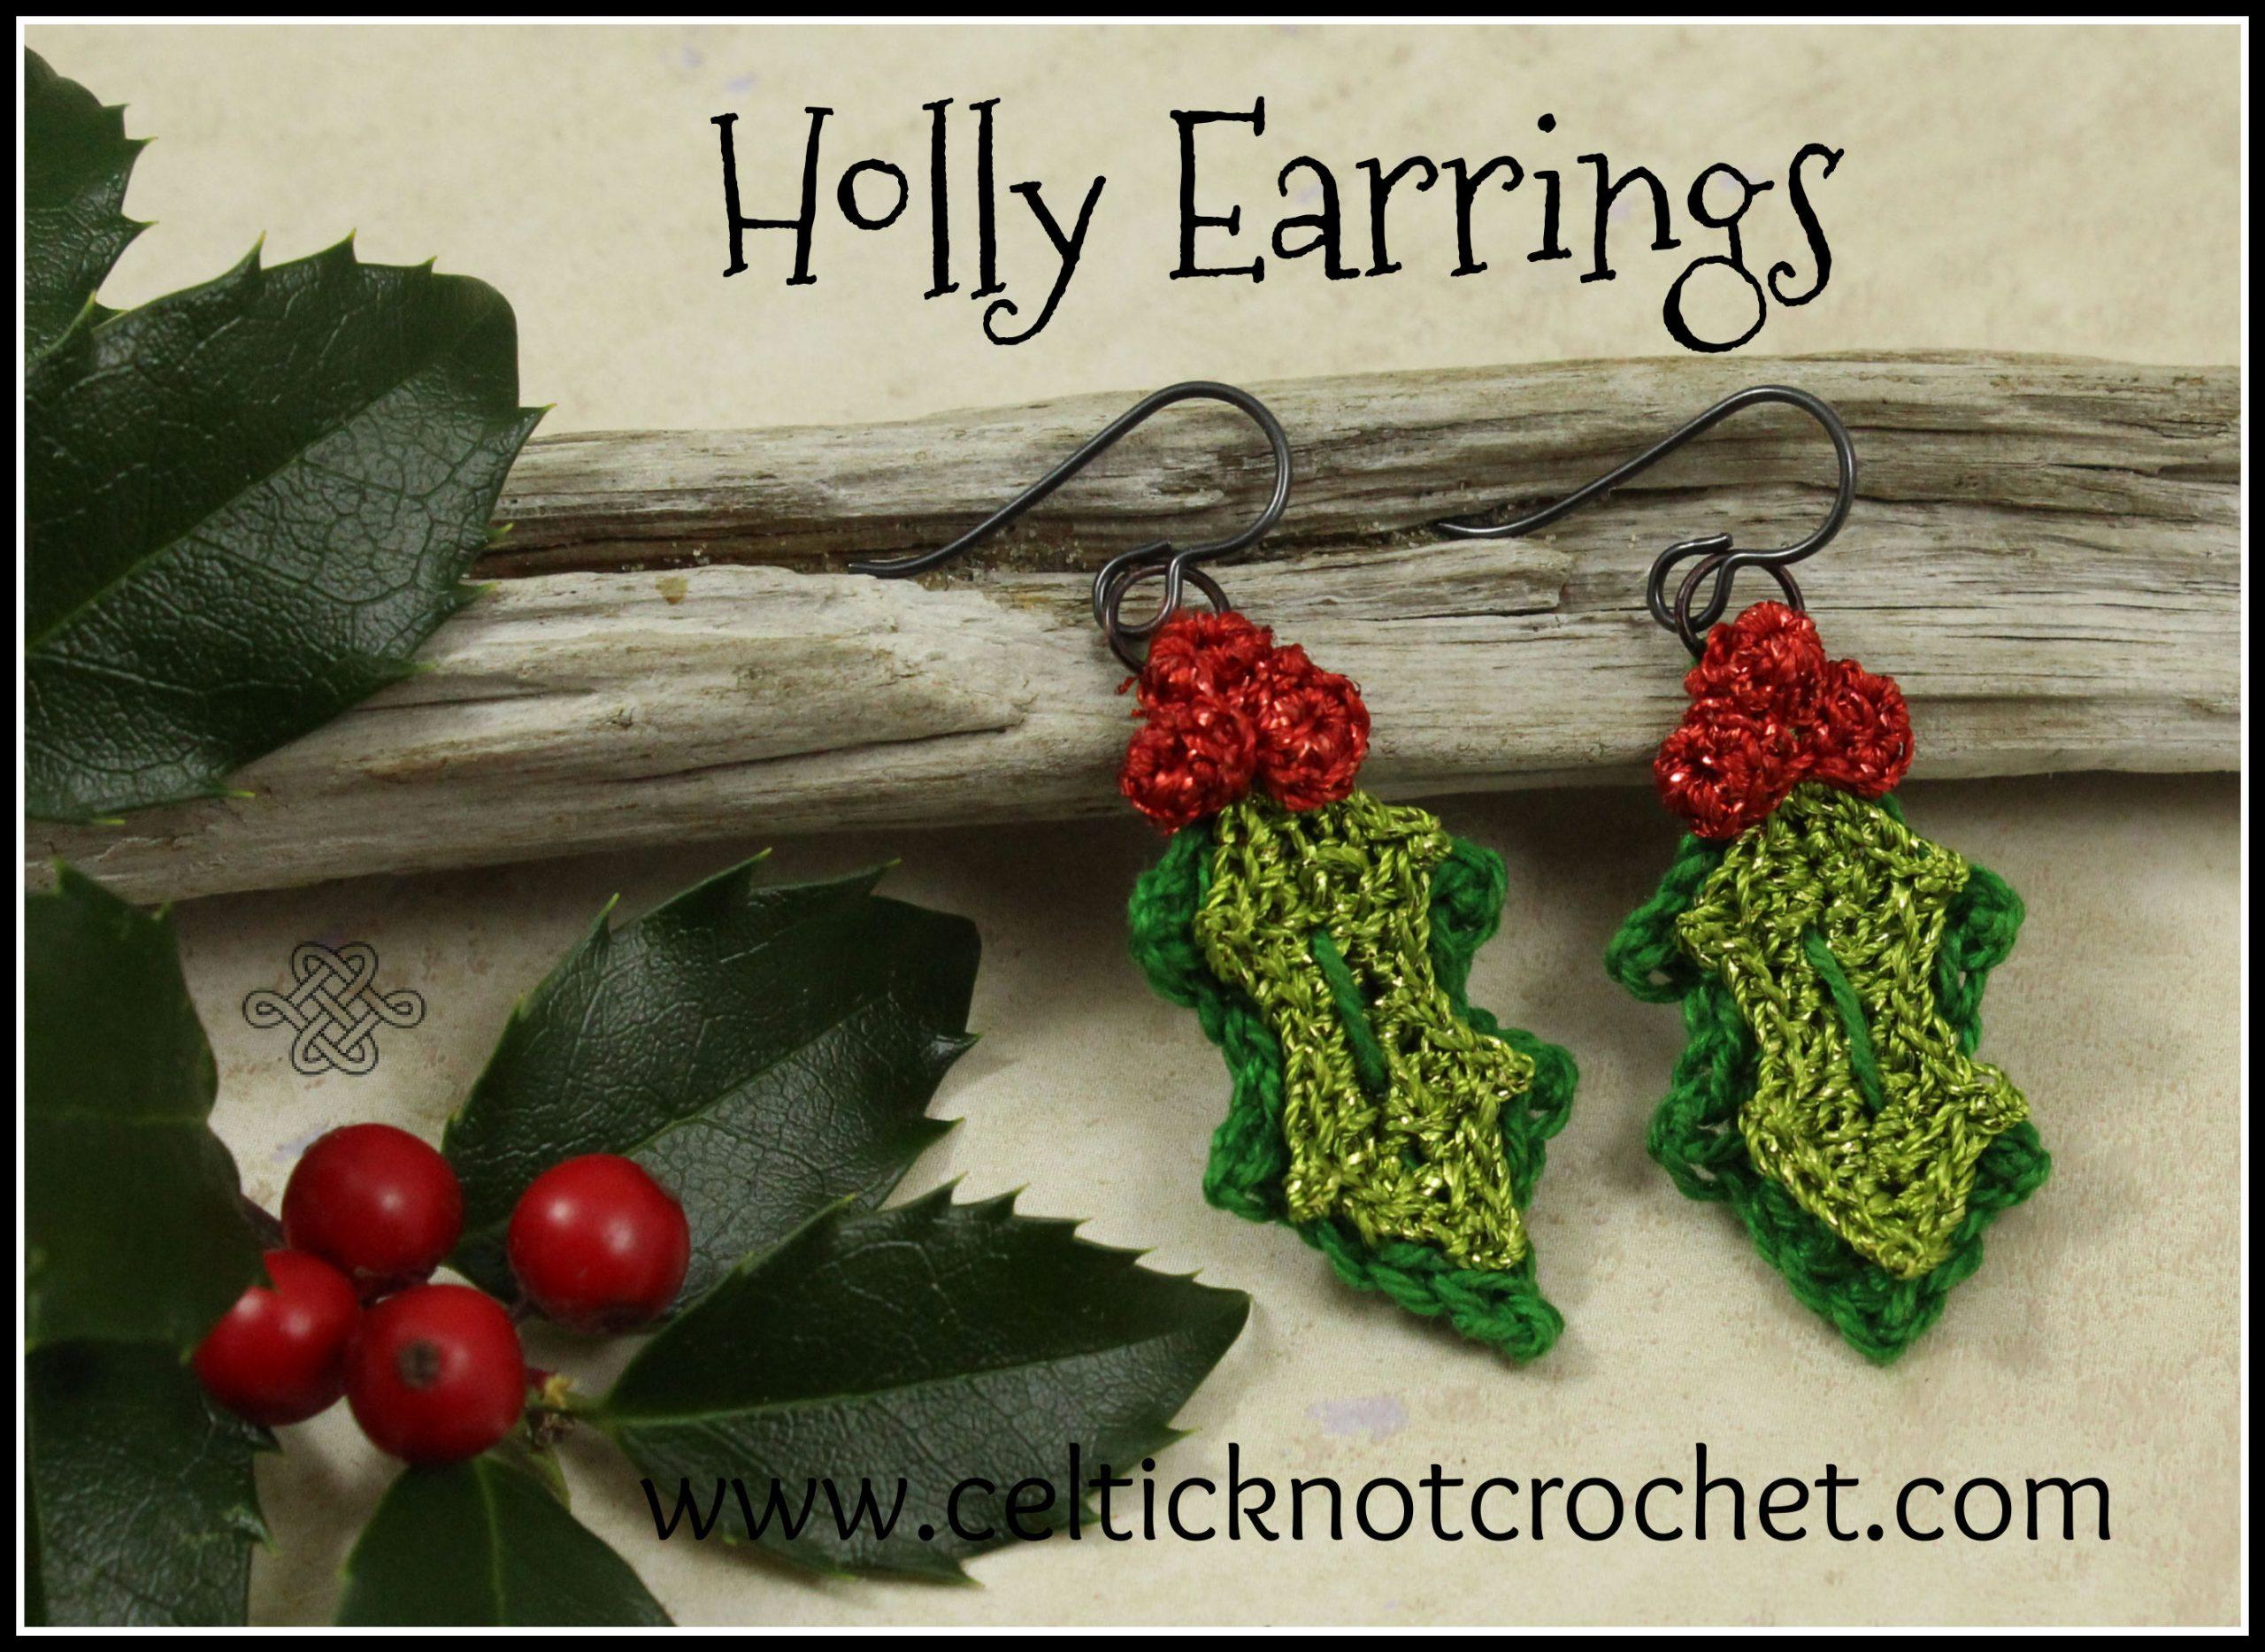 crochet earrings for christmas in holly shape